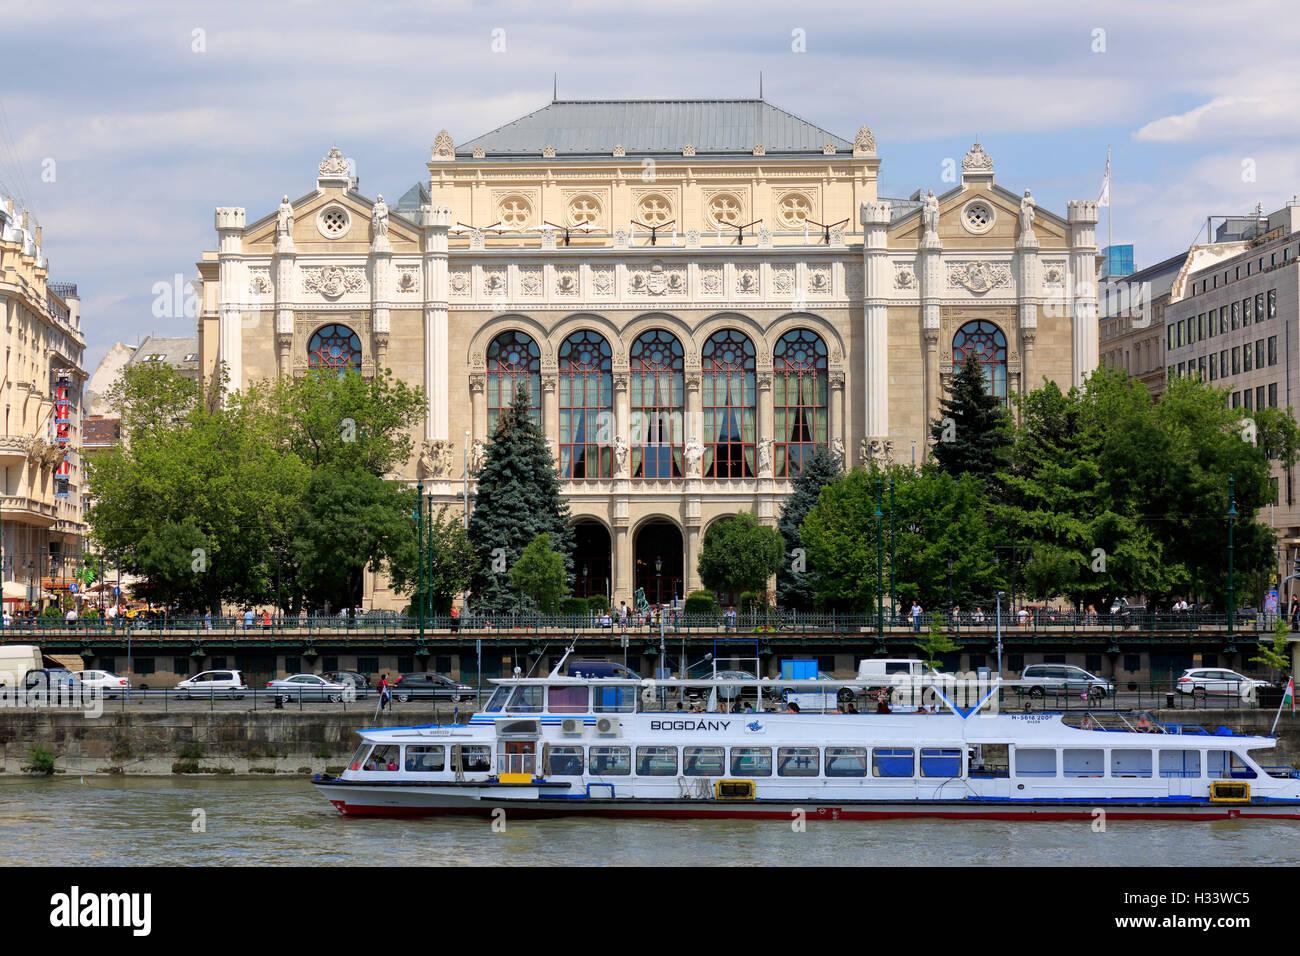 Ballhaus Redoute Im Stil der Romantik bin Donaukorso in Mittelungarn, Budapest, Ungarn Stockbild